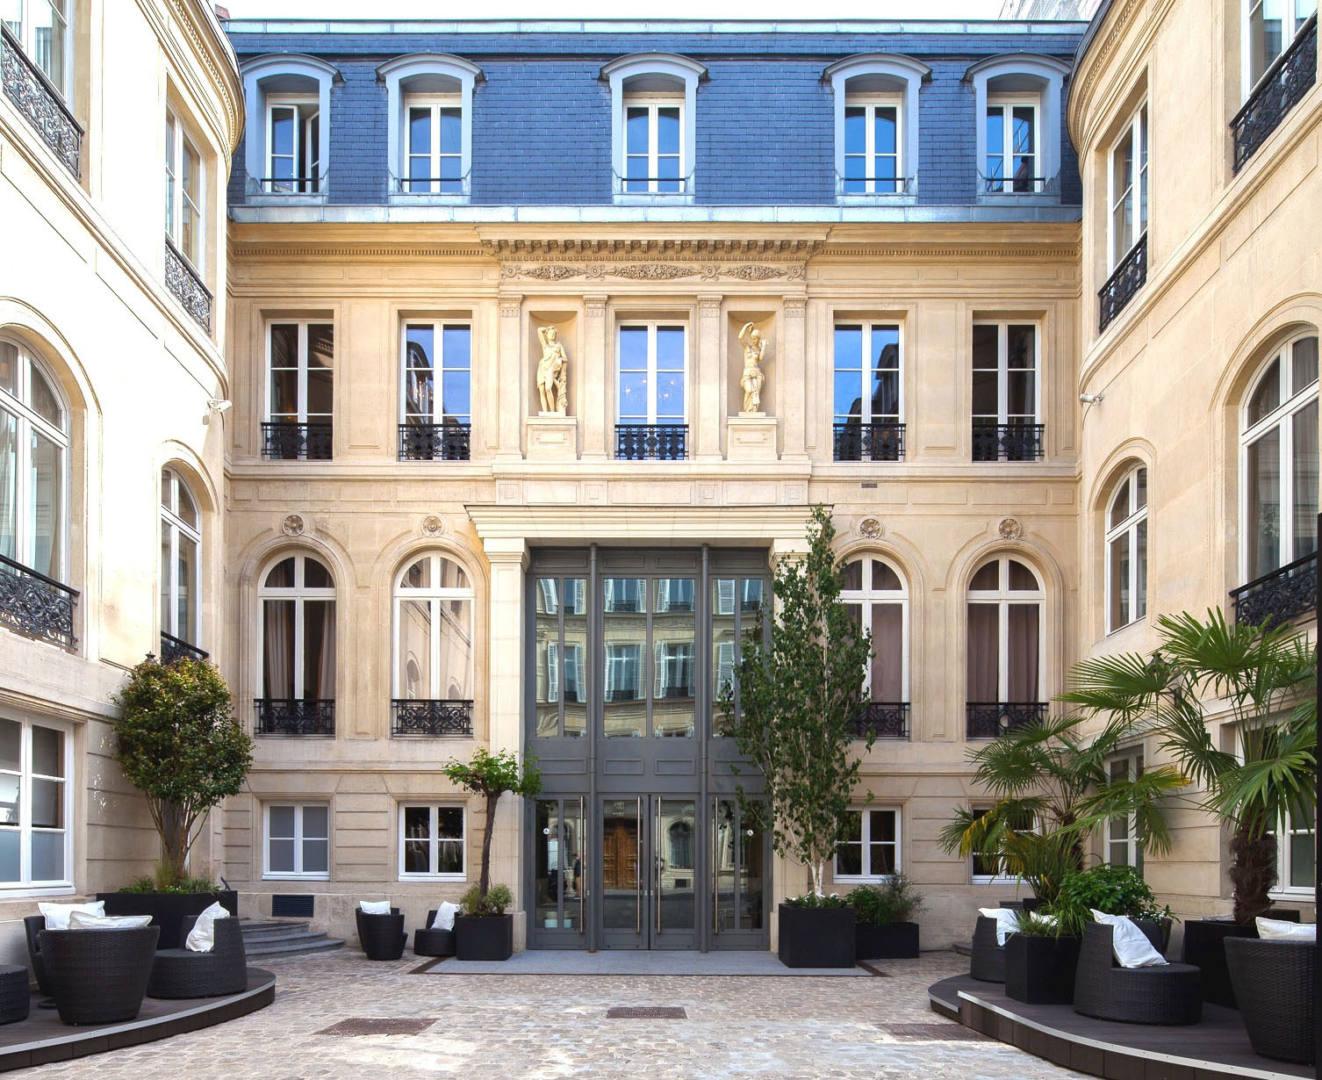 ATHANOR-conception-suivi-realisation-projet-immobilier-Chateauform-Cour-dhonneur